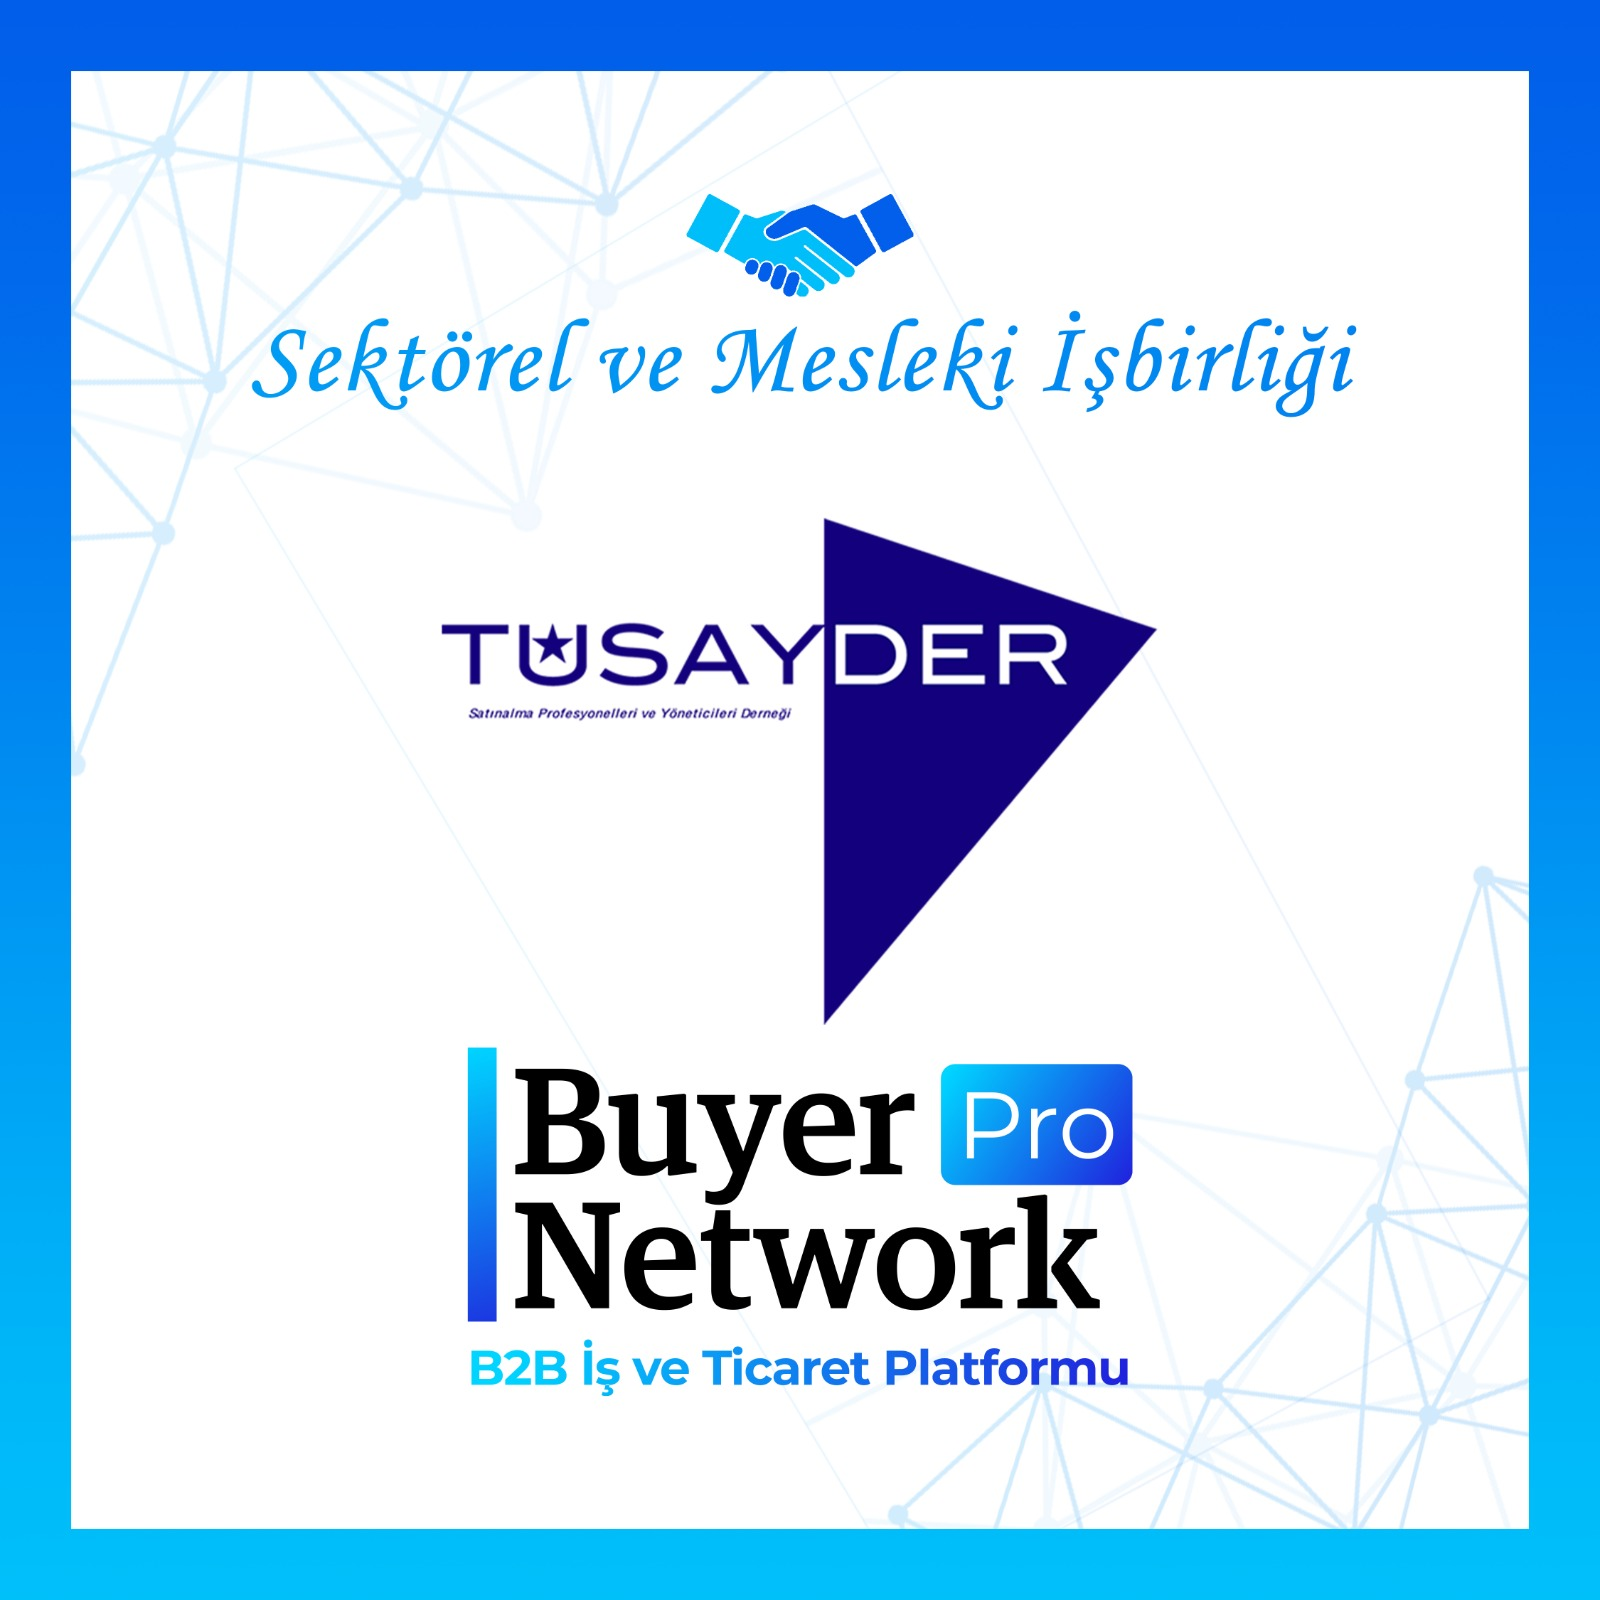 Buyer Network Marka Ailesi ve Tüsayder İşbirliğine İmza Attı